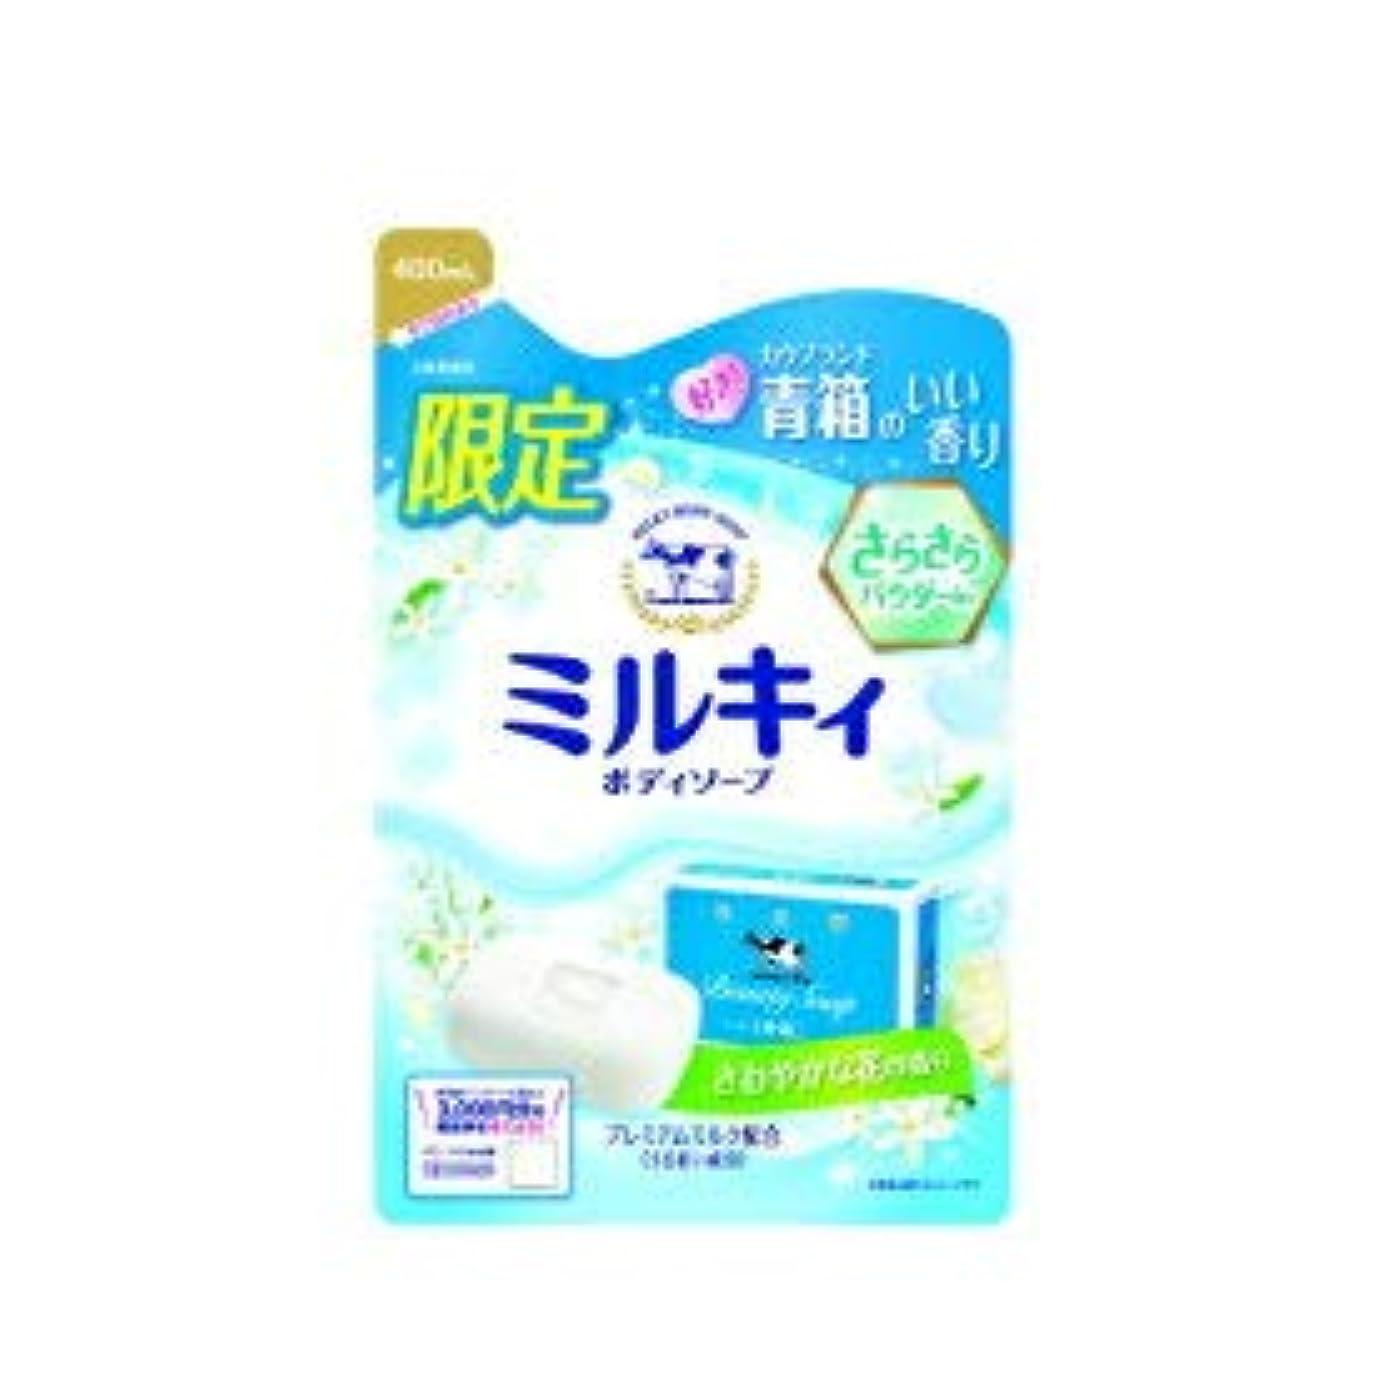 群衆和進化【限定】ミルキィボディソープ 青箱の香り 詰替 400ml